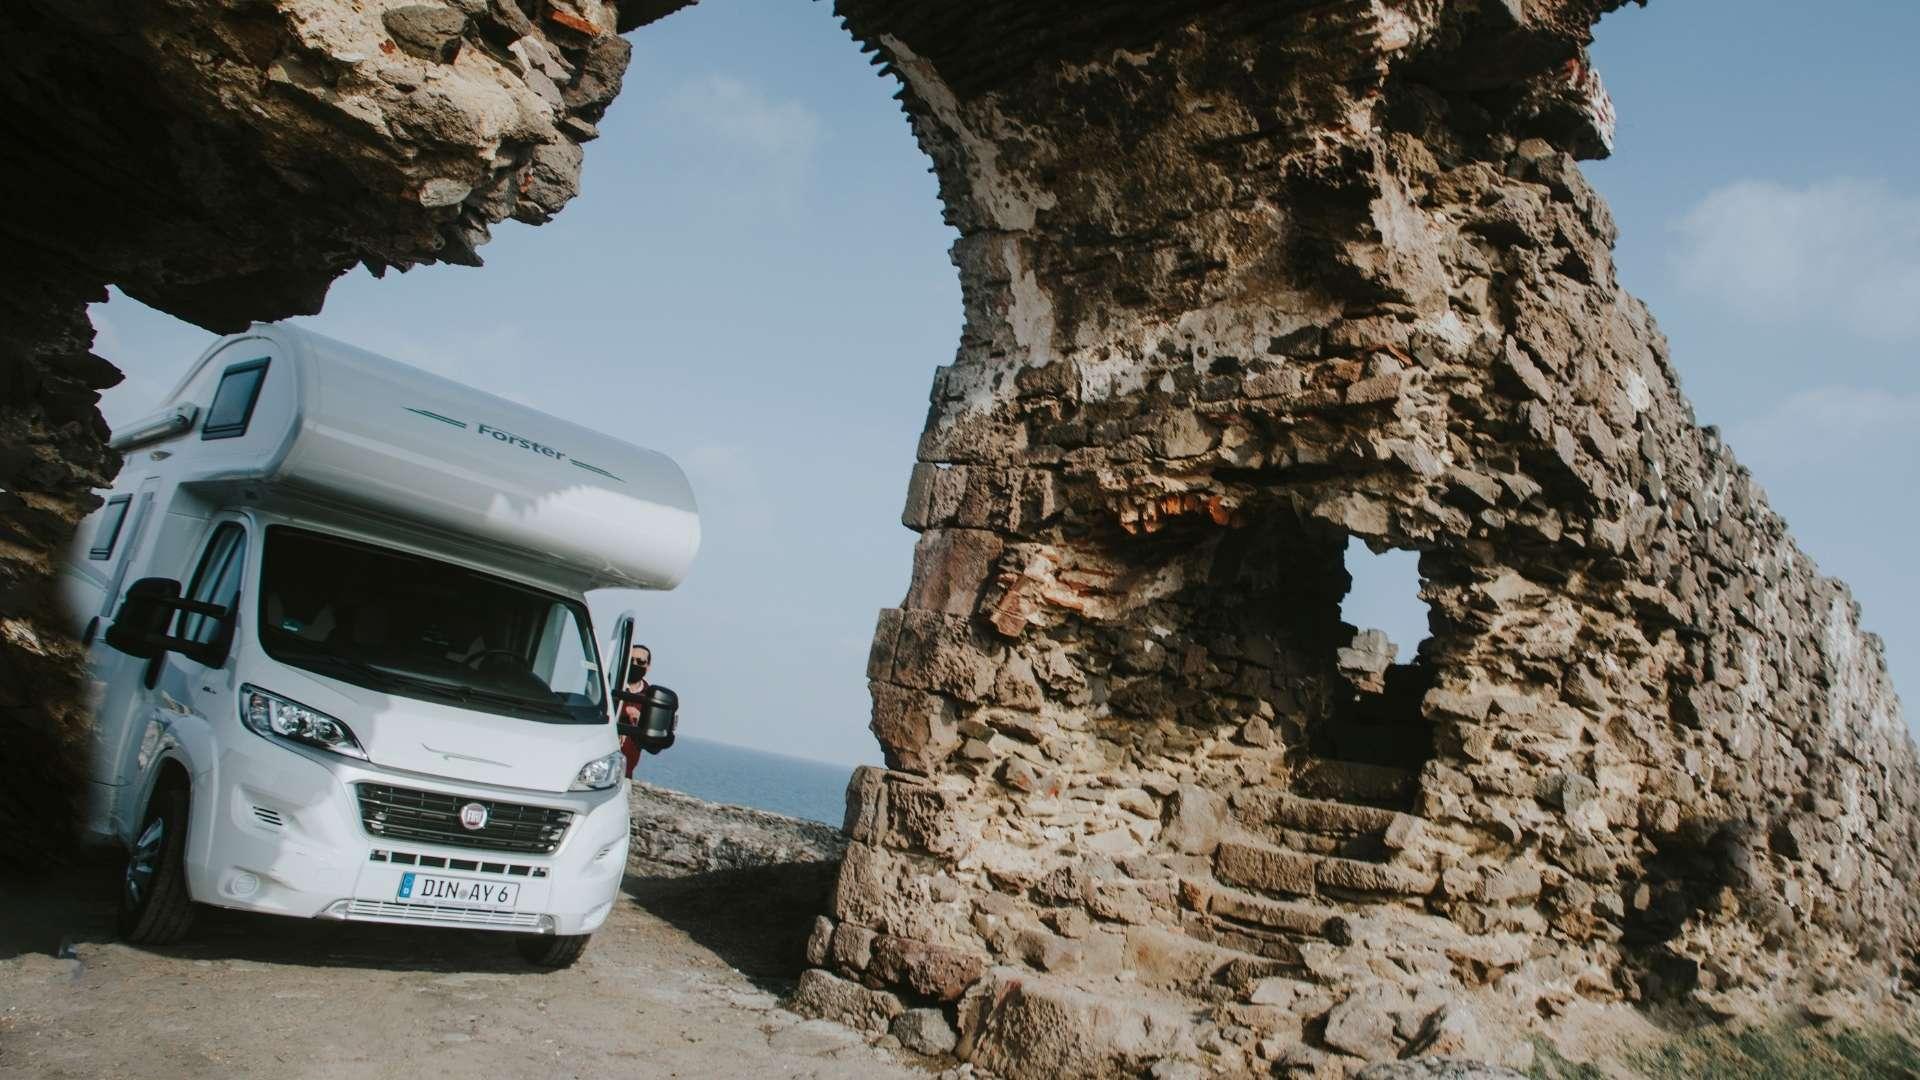 Wohnmobil auf Reise unter einem Bogen aus Stein.